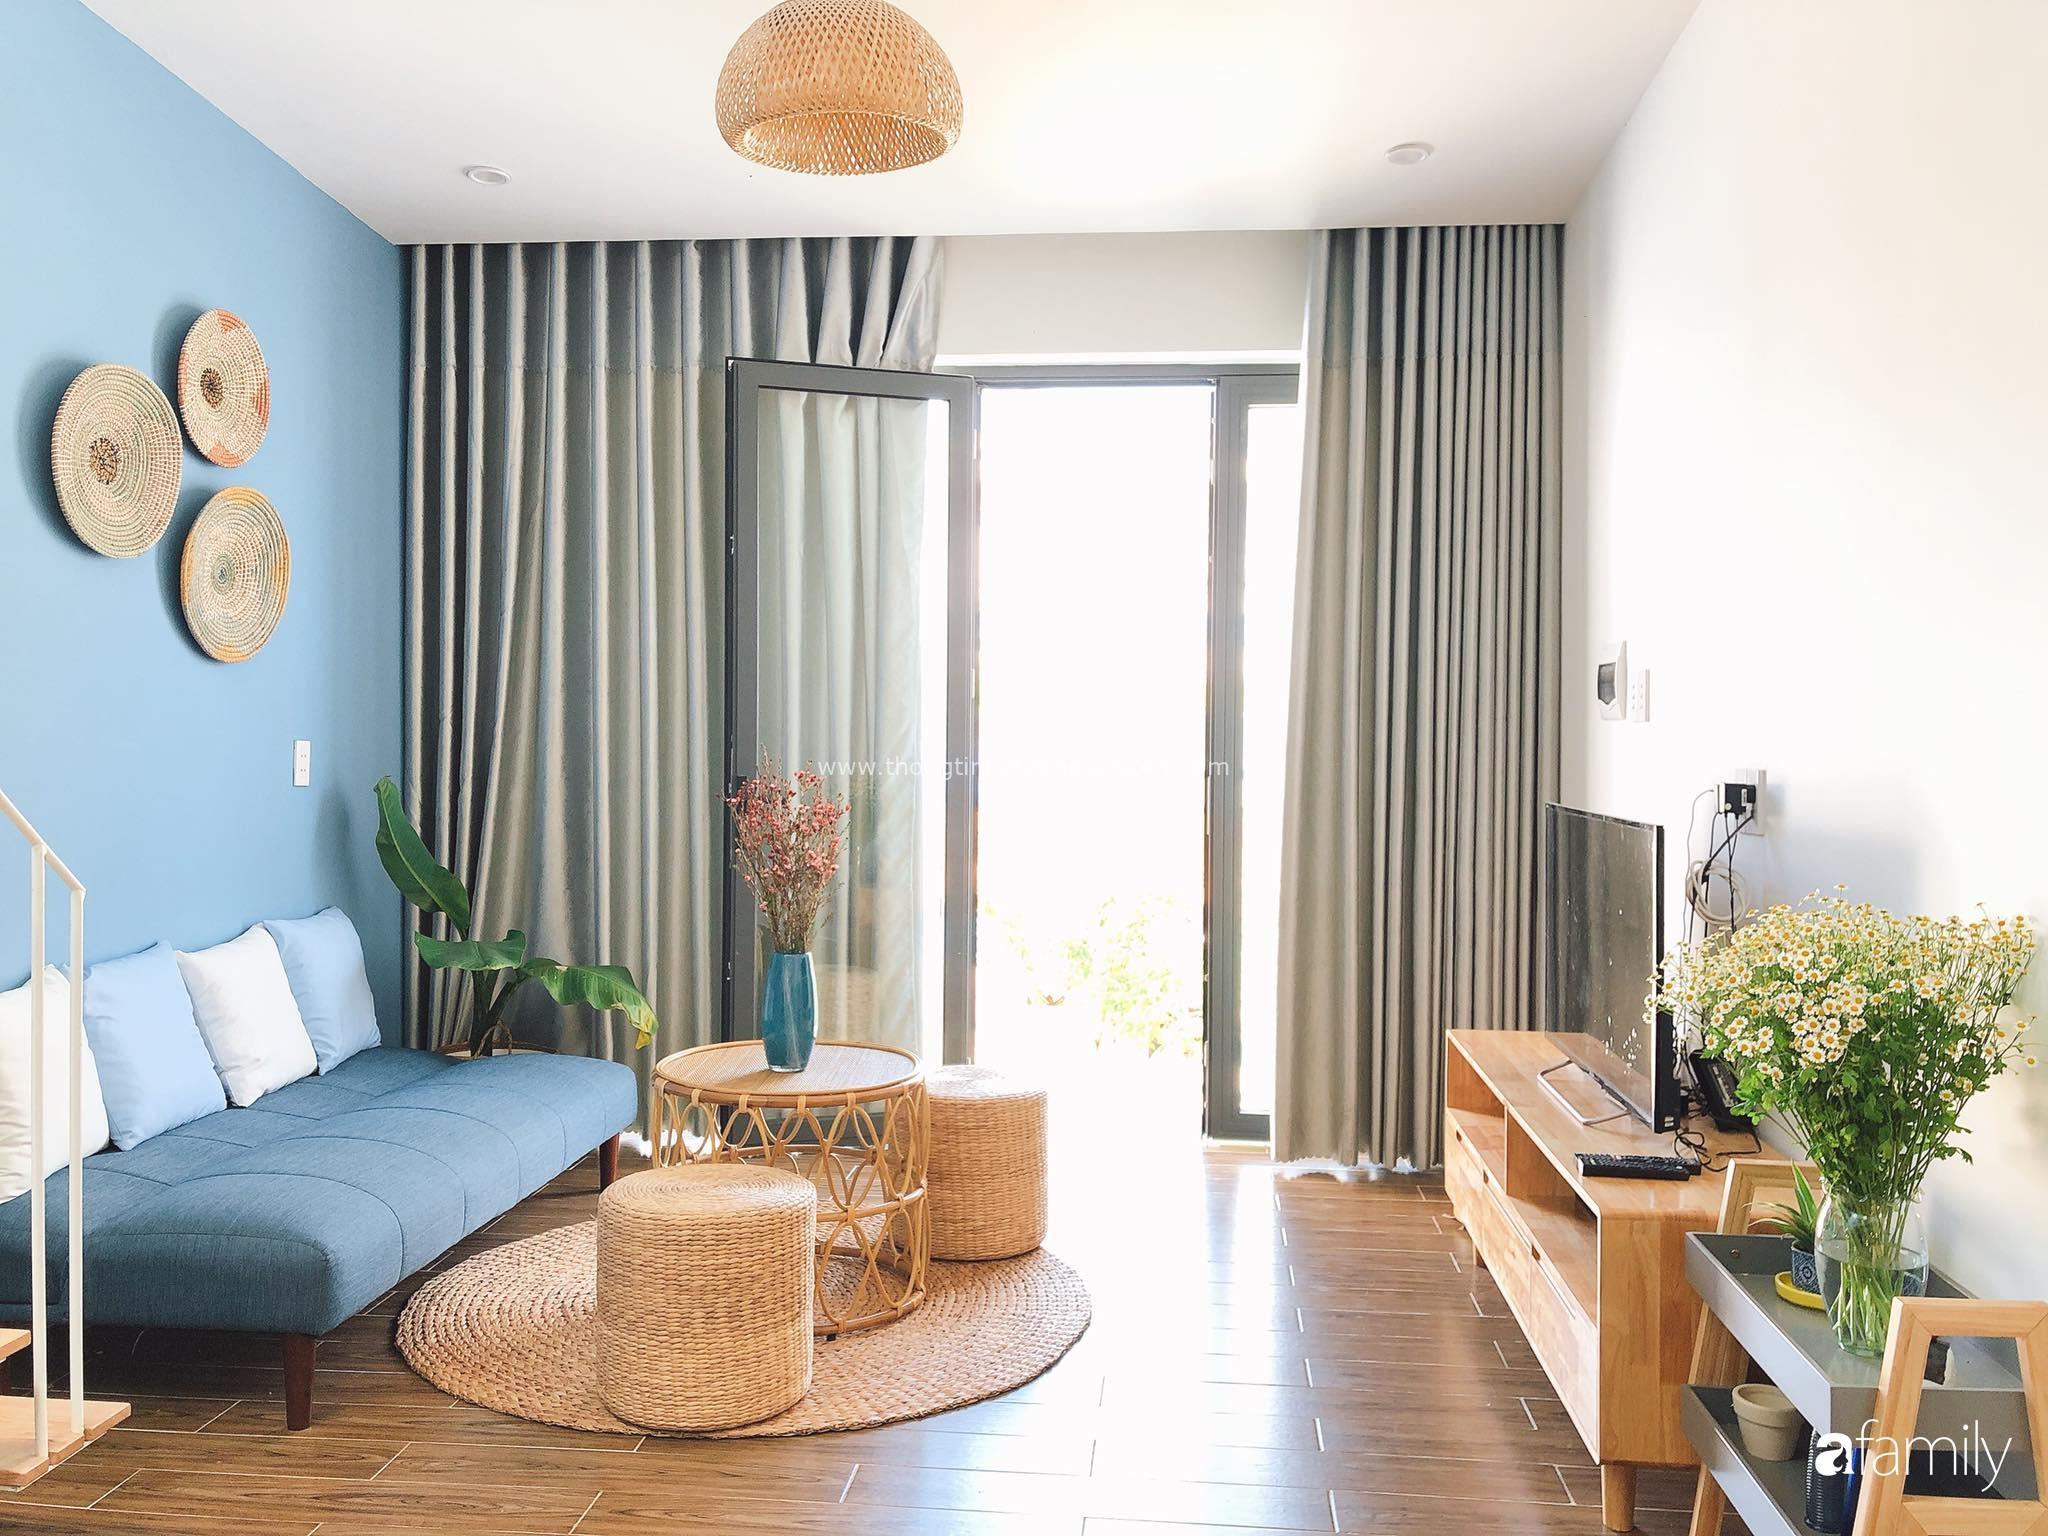 Nhà 35m² được cải tạo thành không gian sống hiện đại với ánh sáng ngập tràn cùng những chất liệu thân thiện với môi trường ở Vũng Tàu - Ảnh 8.